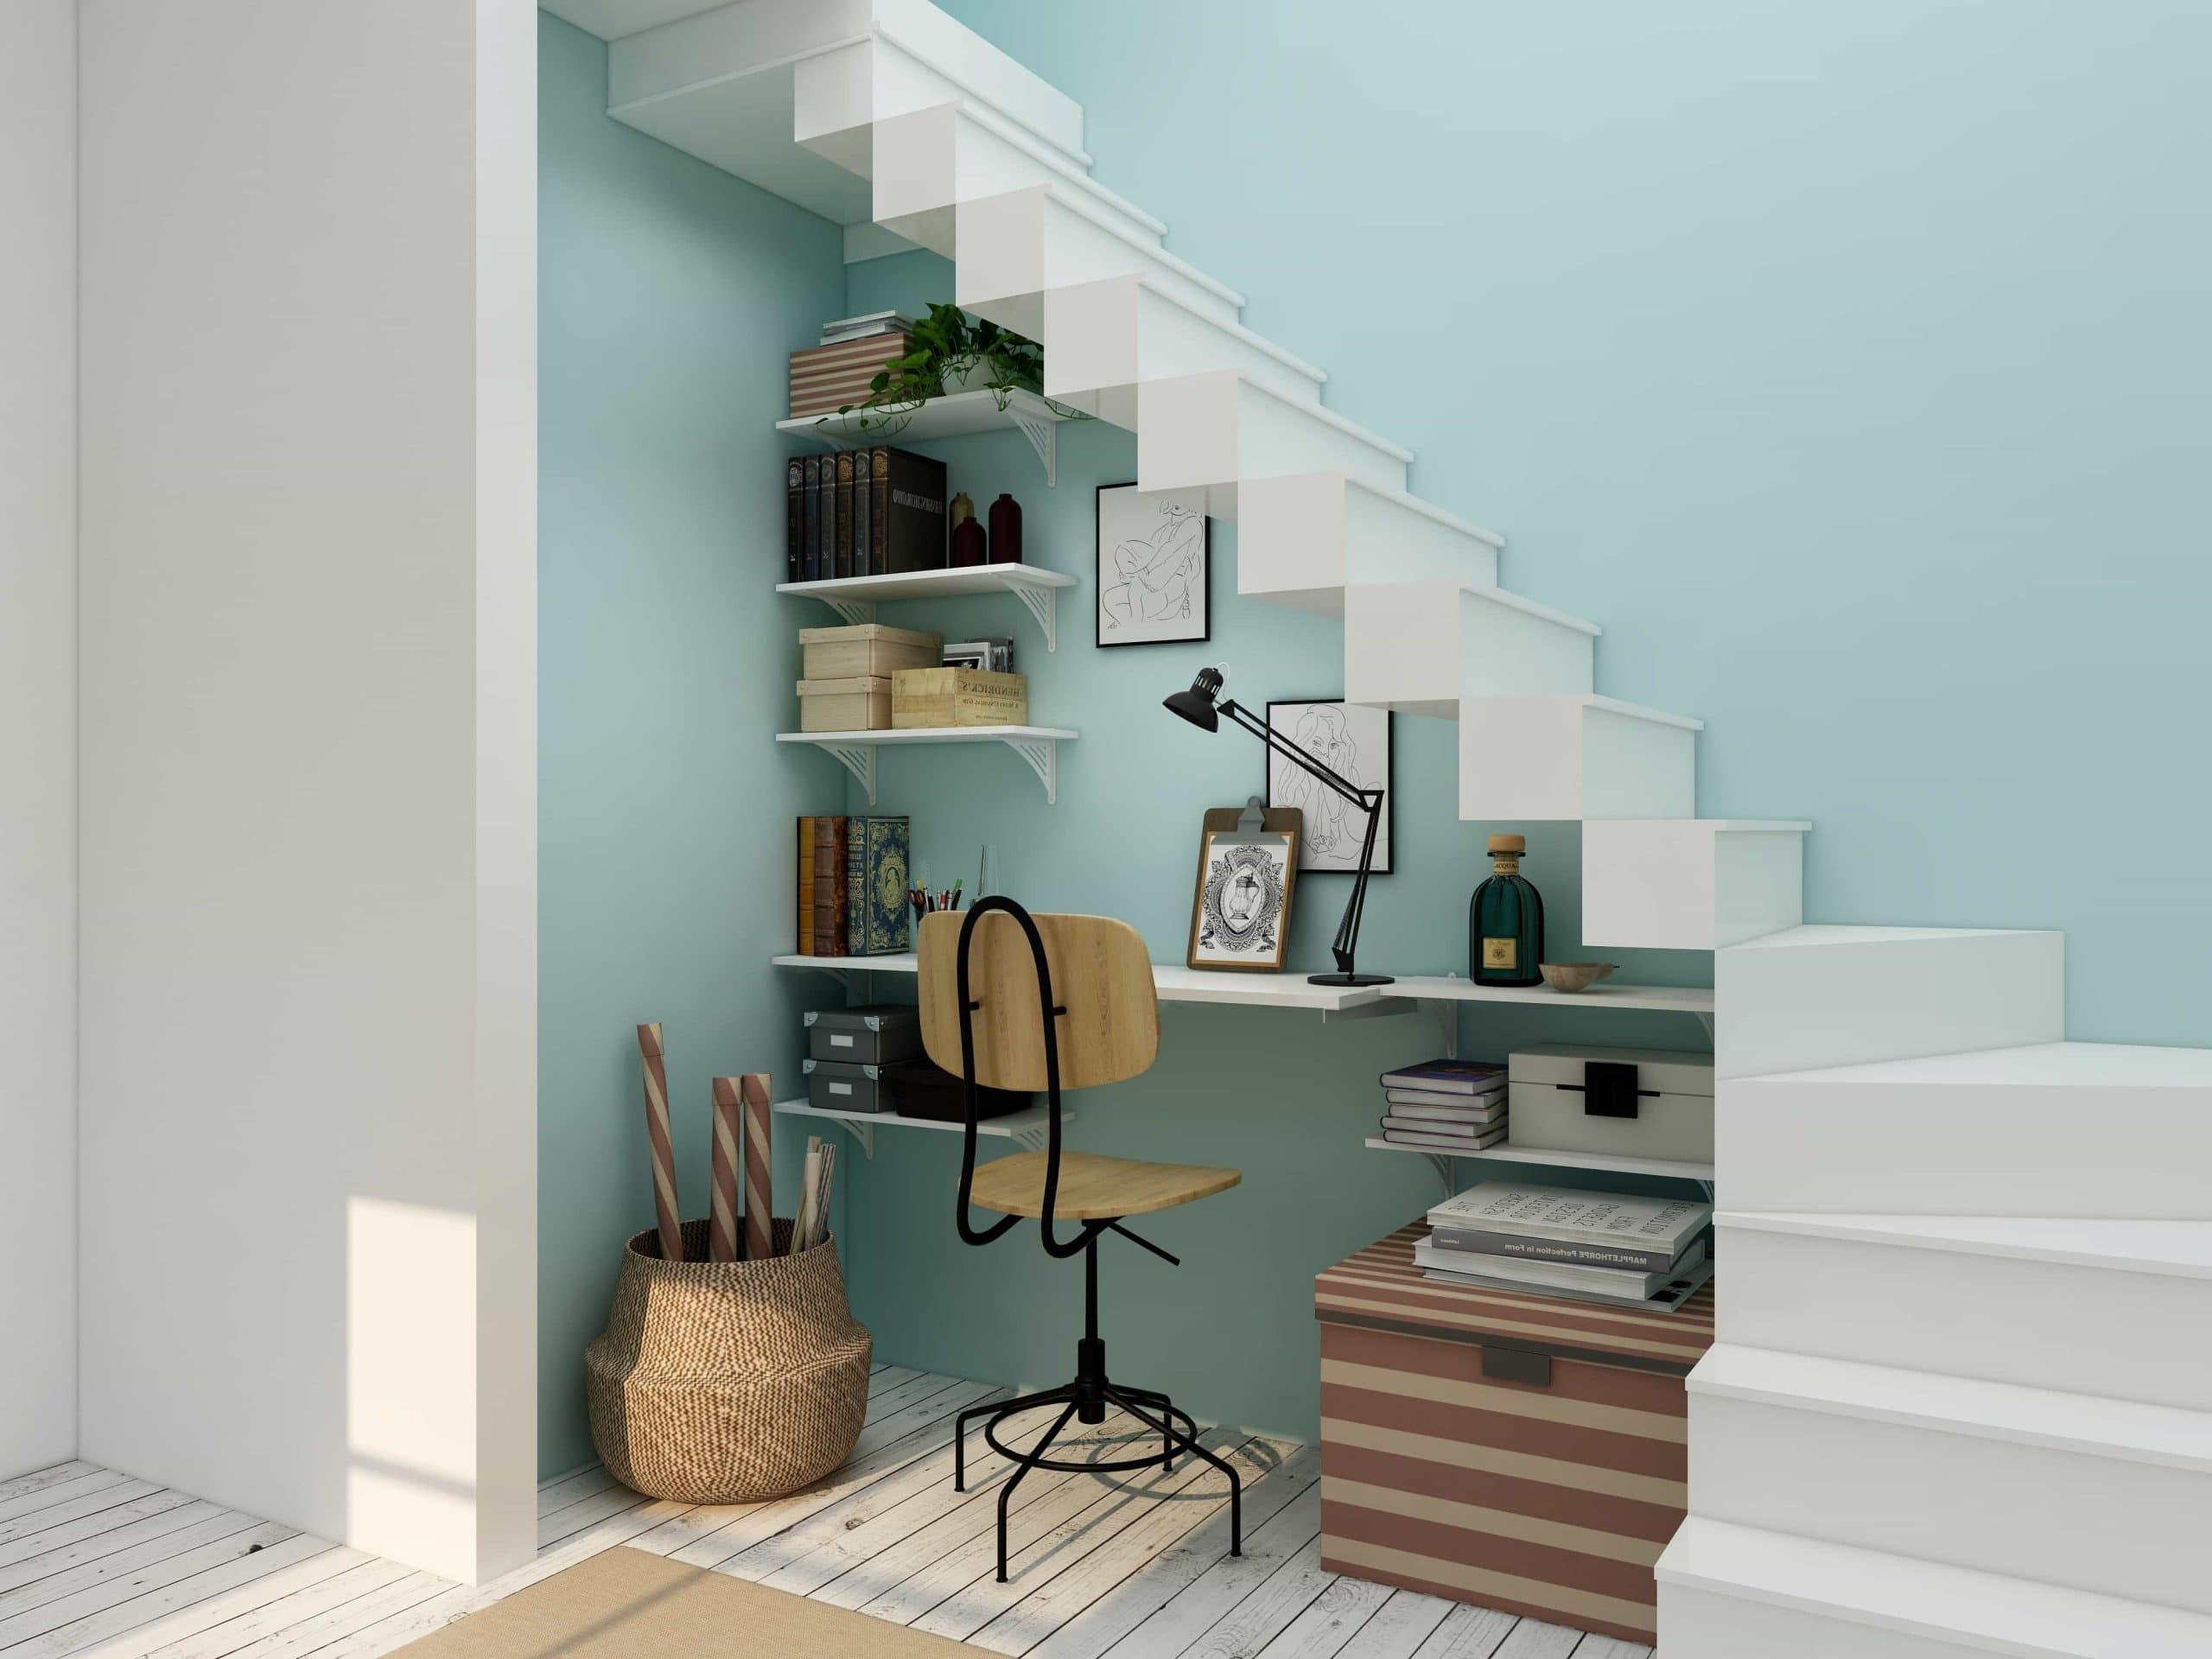 ¿Cómo elegir el color de las paredes?